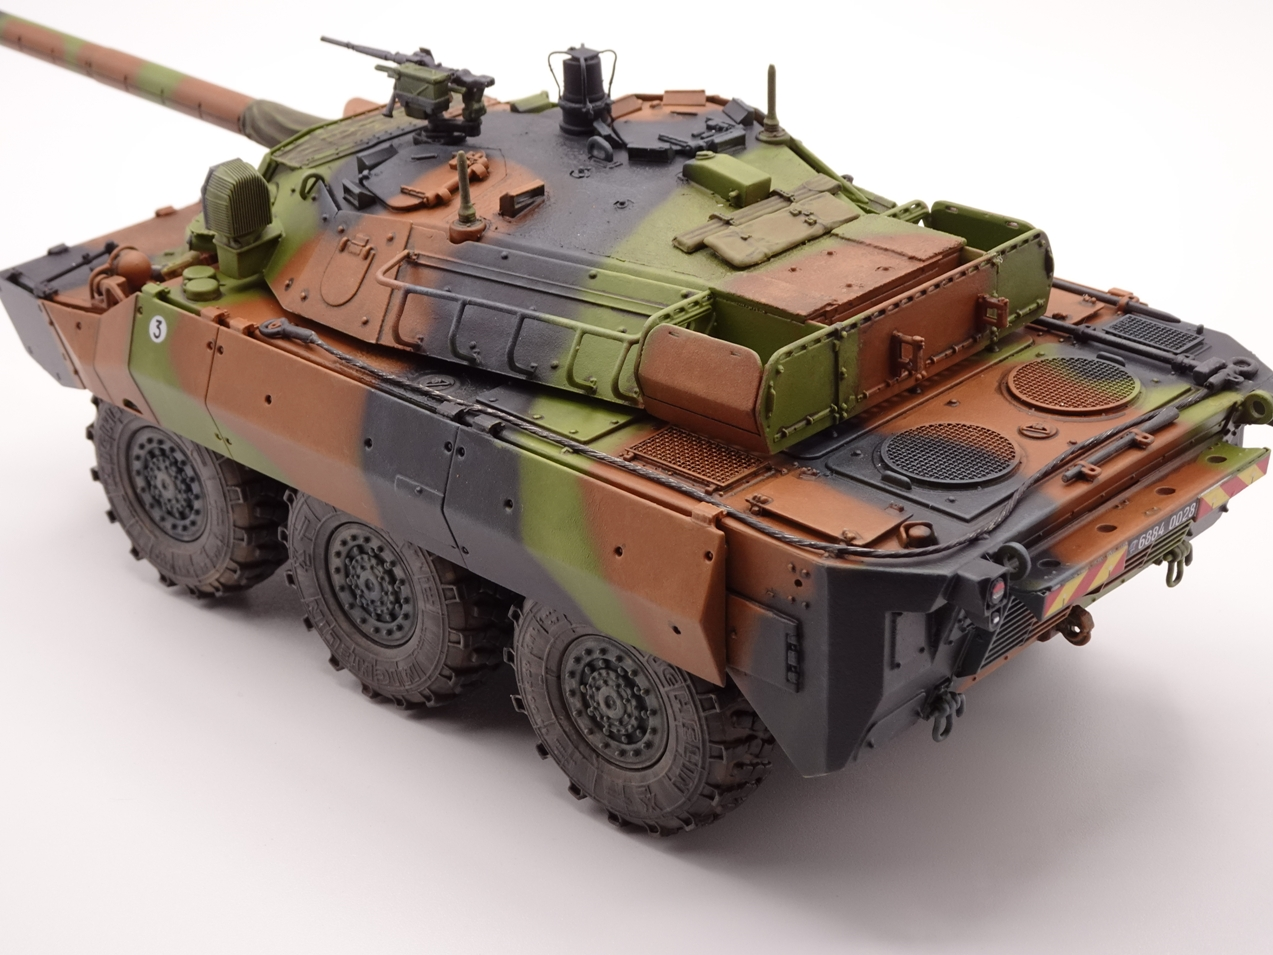 [Tiger Model] AMX-10RCR réf. 4602 - 1/35 - Page 4 Amx10-fin-5